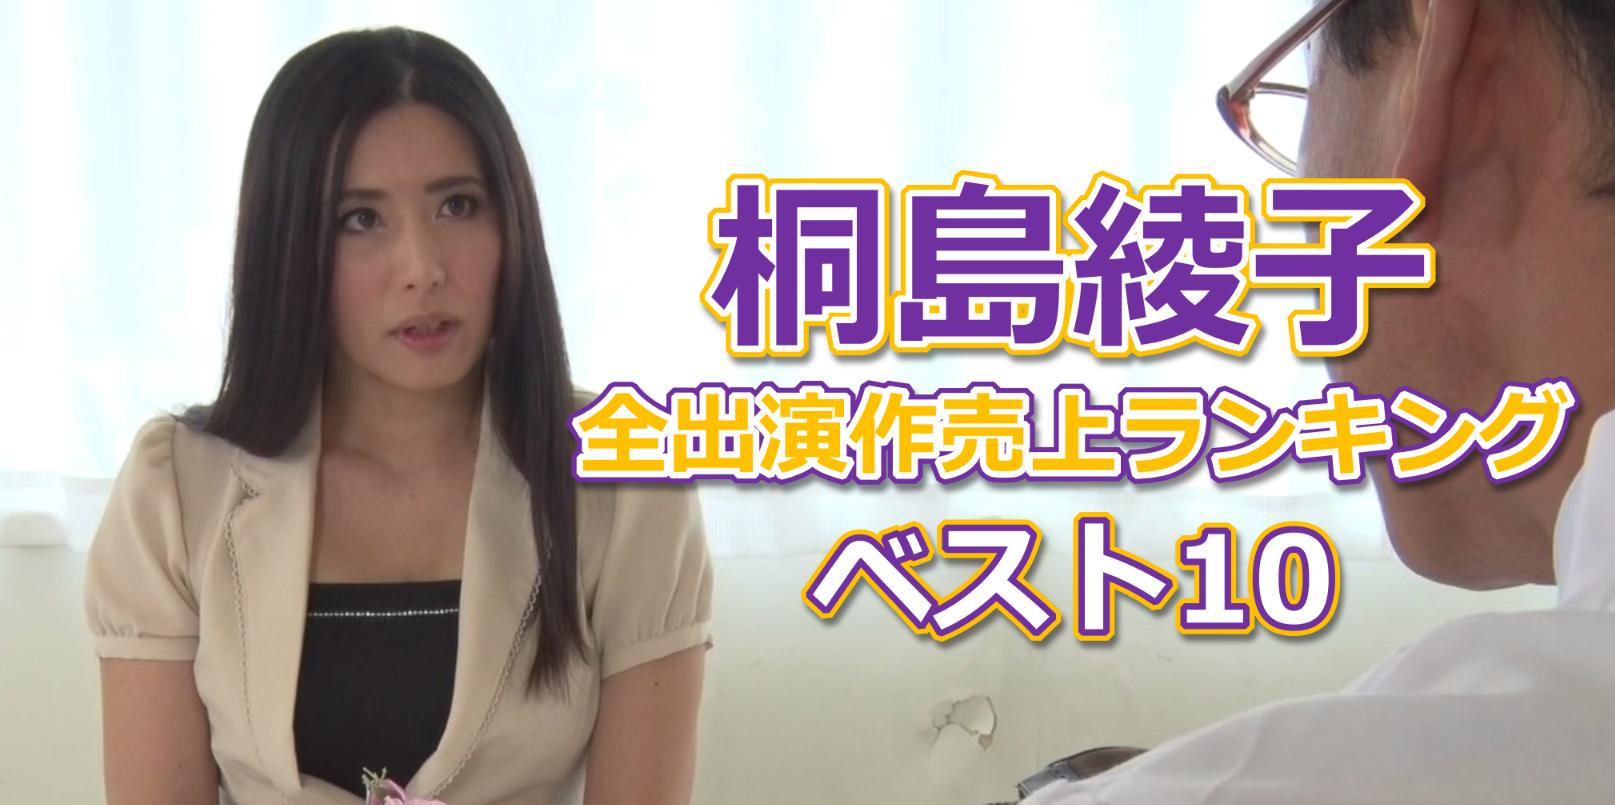 【桐島綾子】の全出演作売上ランキングベスト10!人気作品を徹底解説